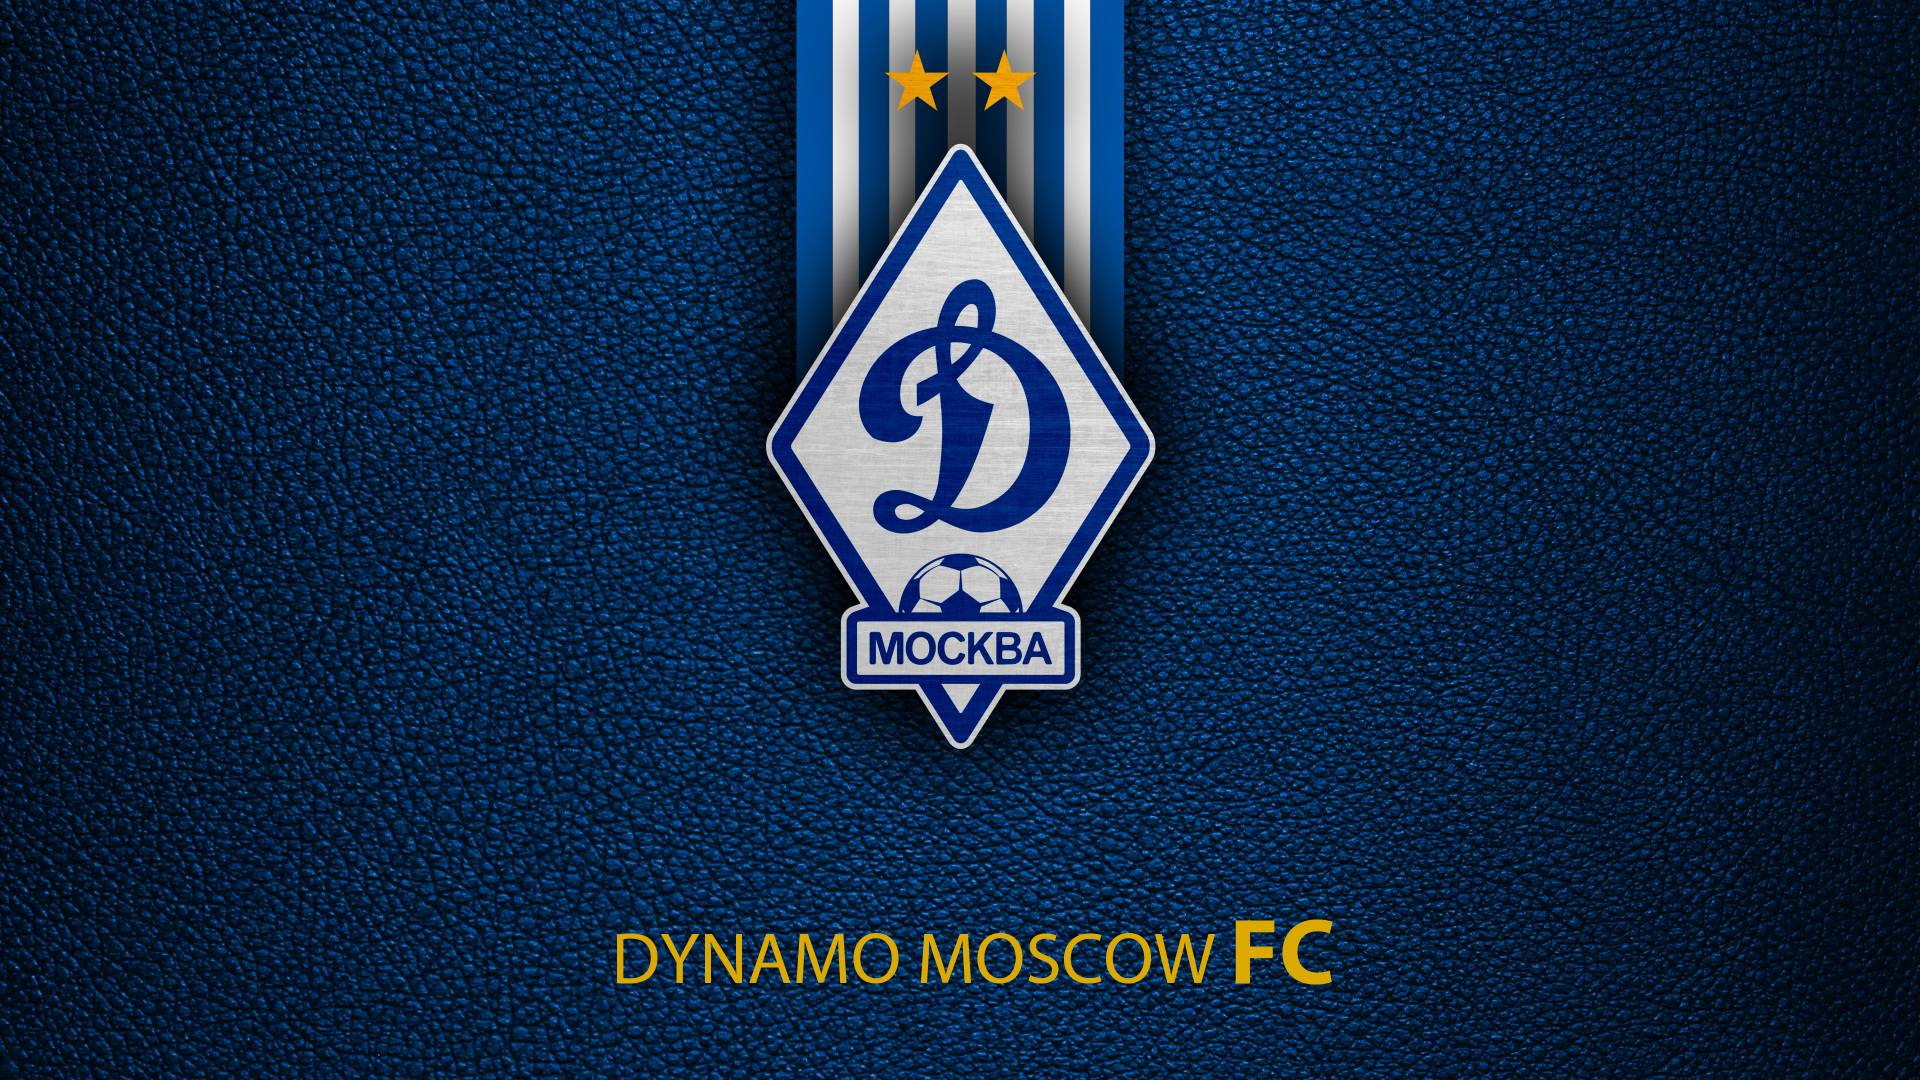 Динамо москва футбольный клуб рабочий стол когда снимут ограничения на клубы в москве